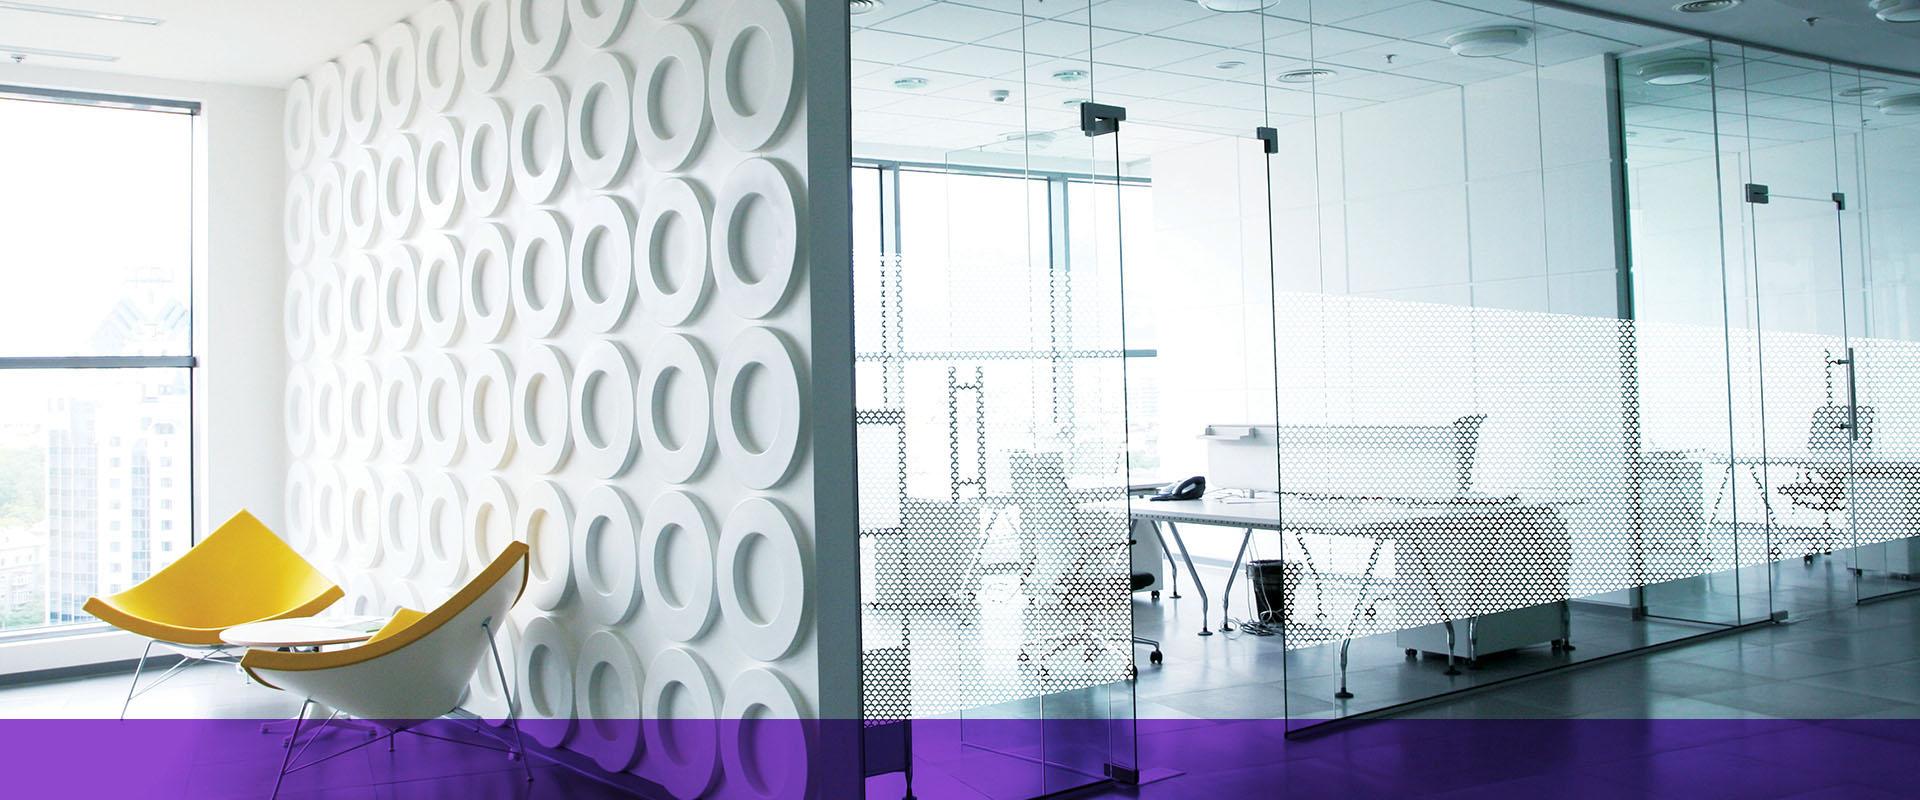 Fensterfolien Sichtschutz mit Dekor für Privatsphäre und Raumgestaltung